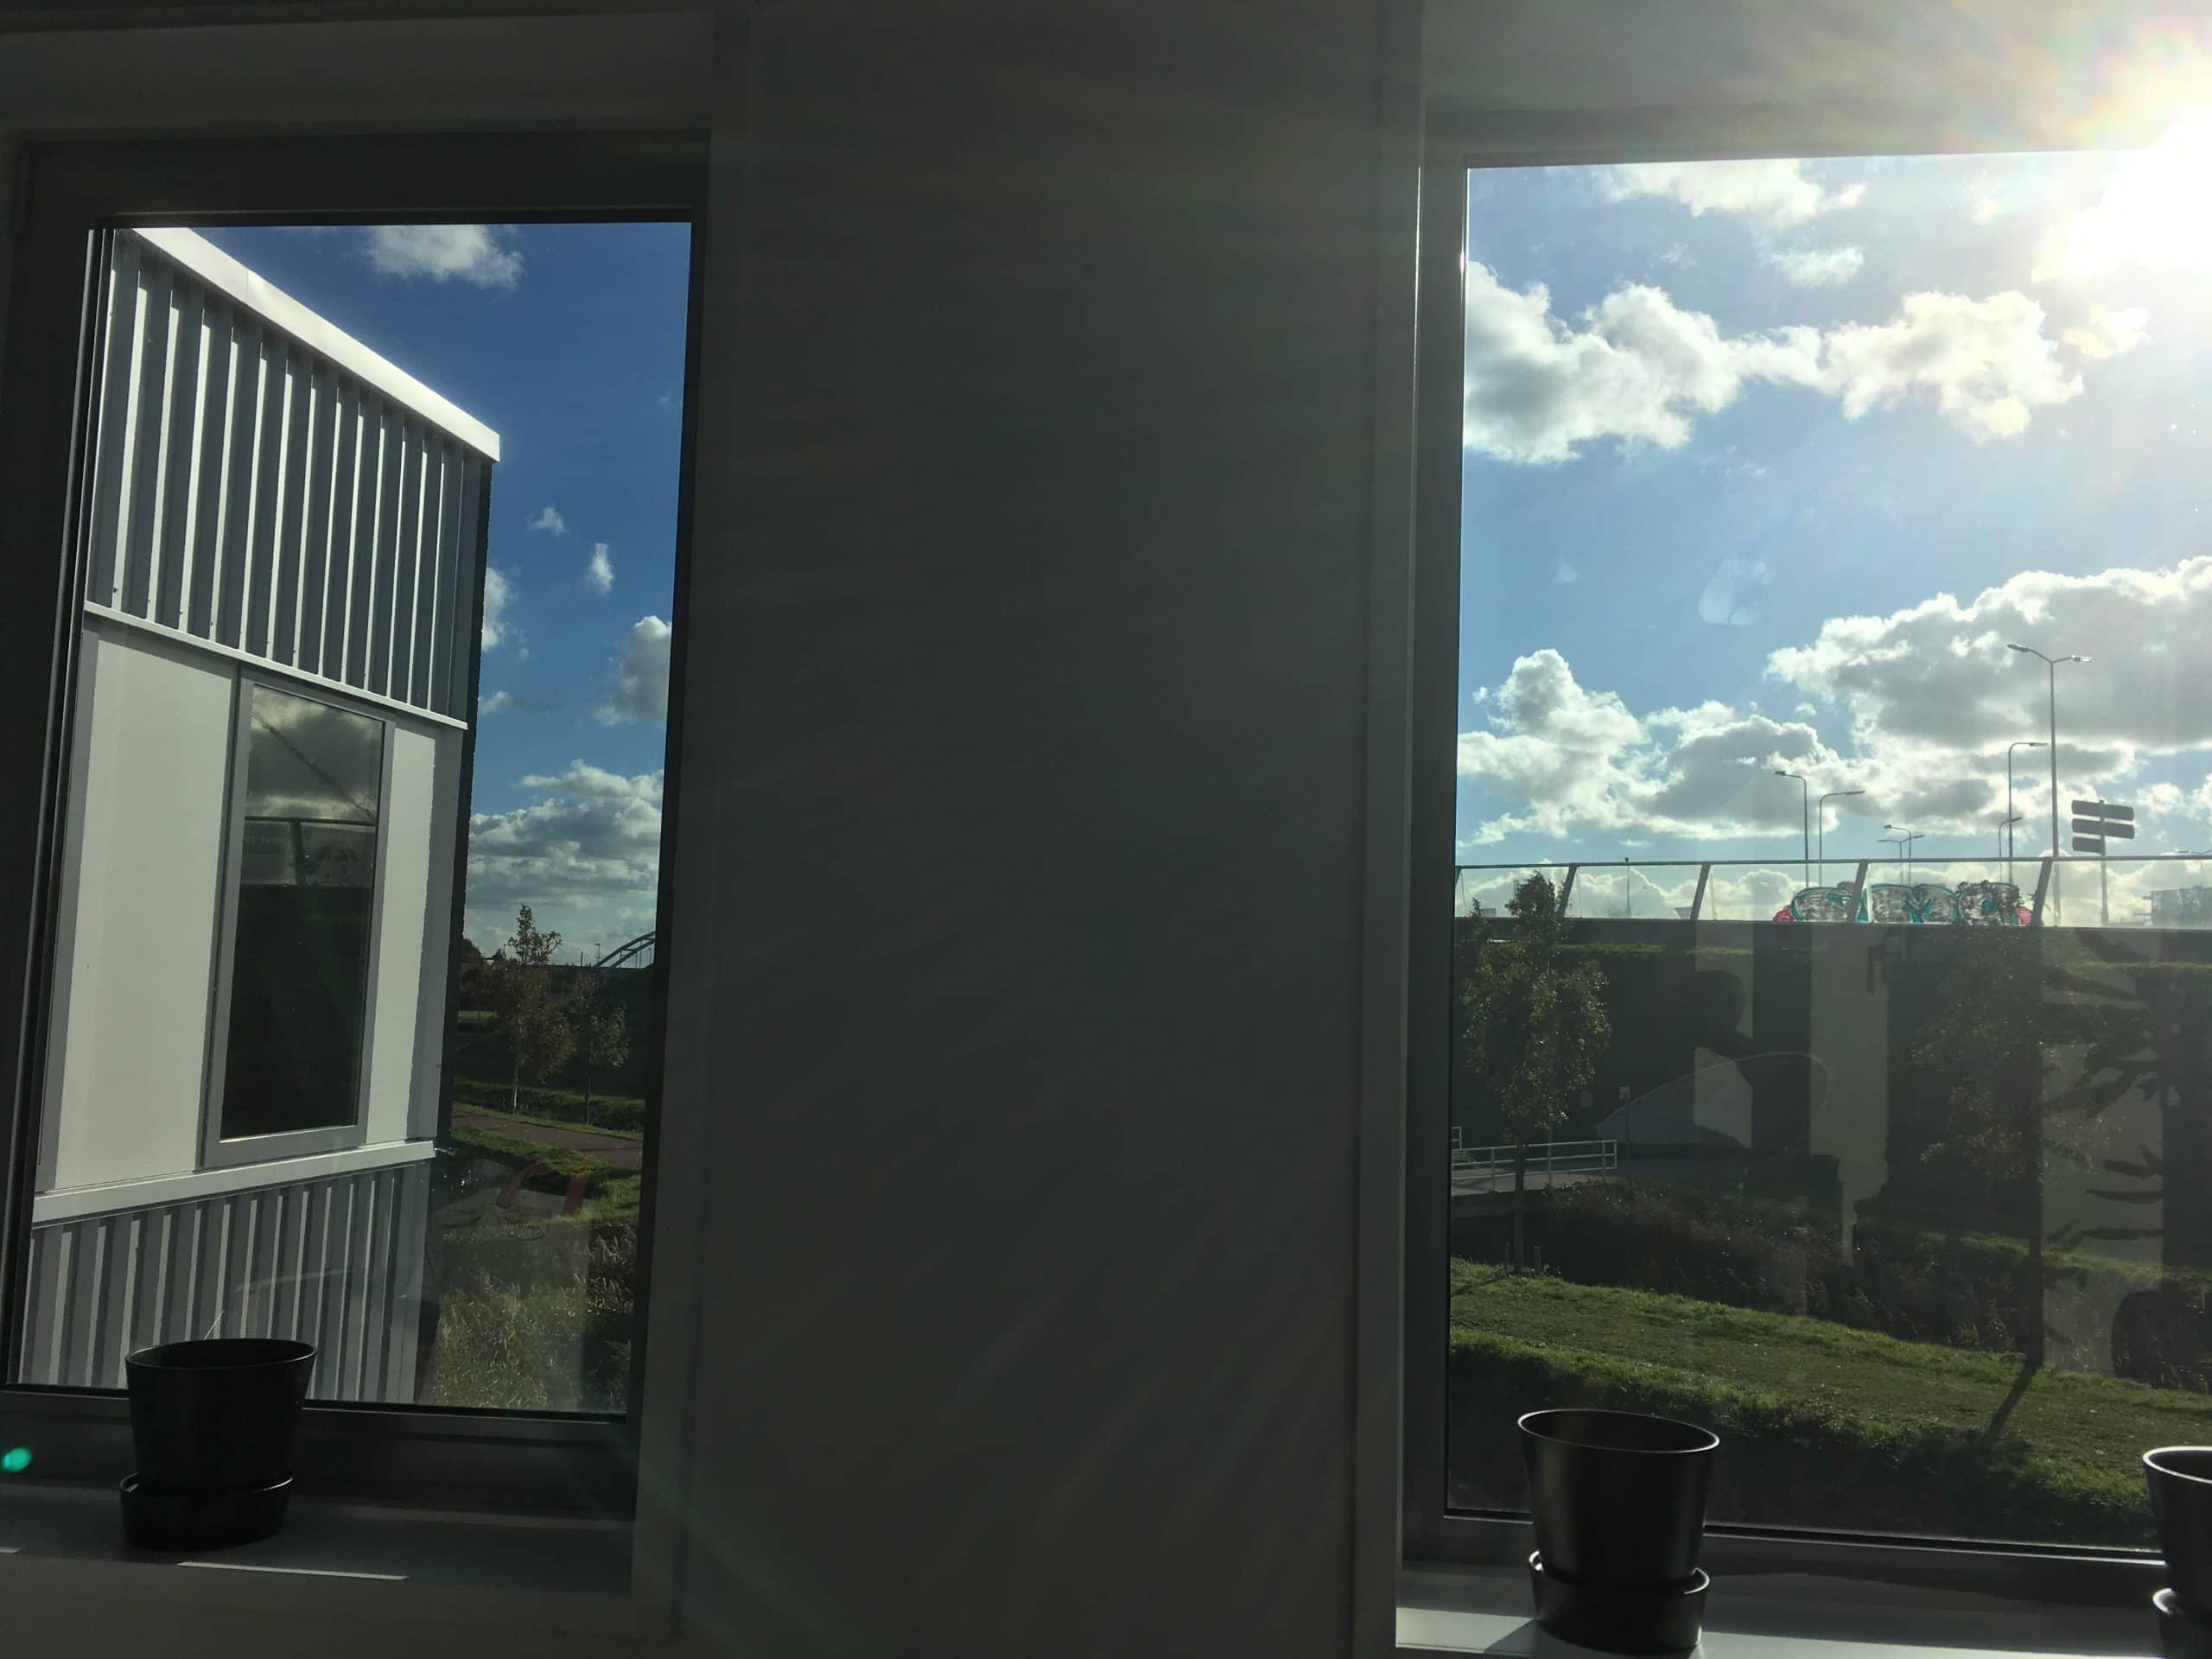 Kantoor voorzien van Sunblock Truevue 30 glasfolie, de hinderlijke schittering op beeldschermen is verdwenen, de zonnewarmte gereduceerd